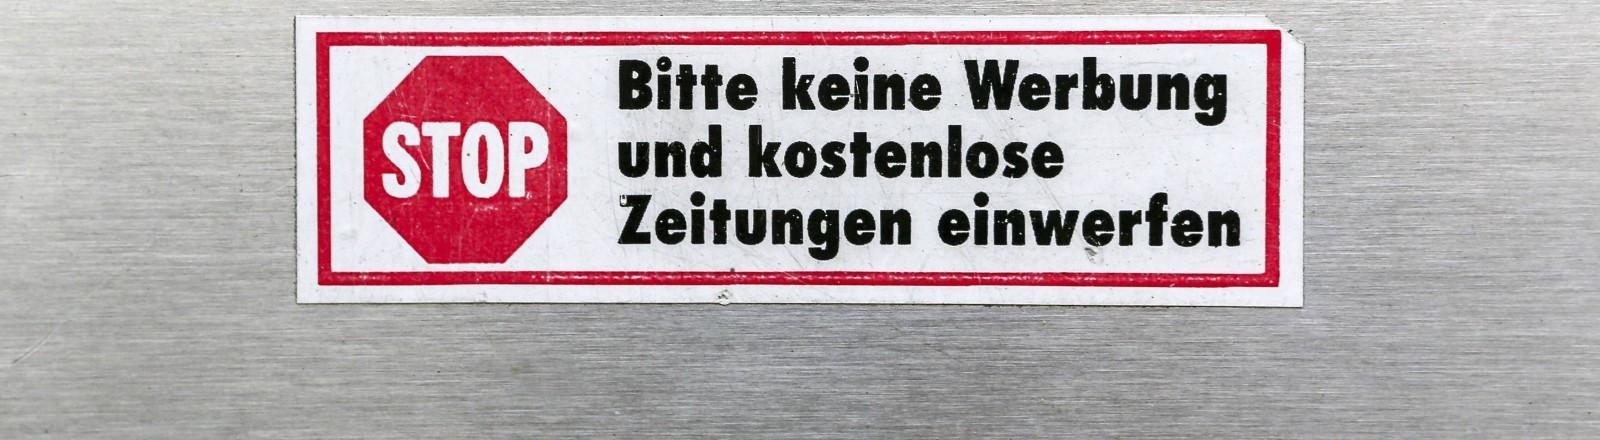 """""""Bitte keine Werbung"""" -Aufkleber auf einem Briefkasten"""